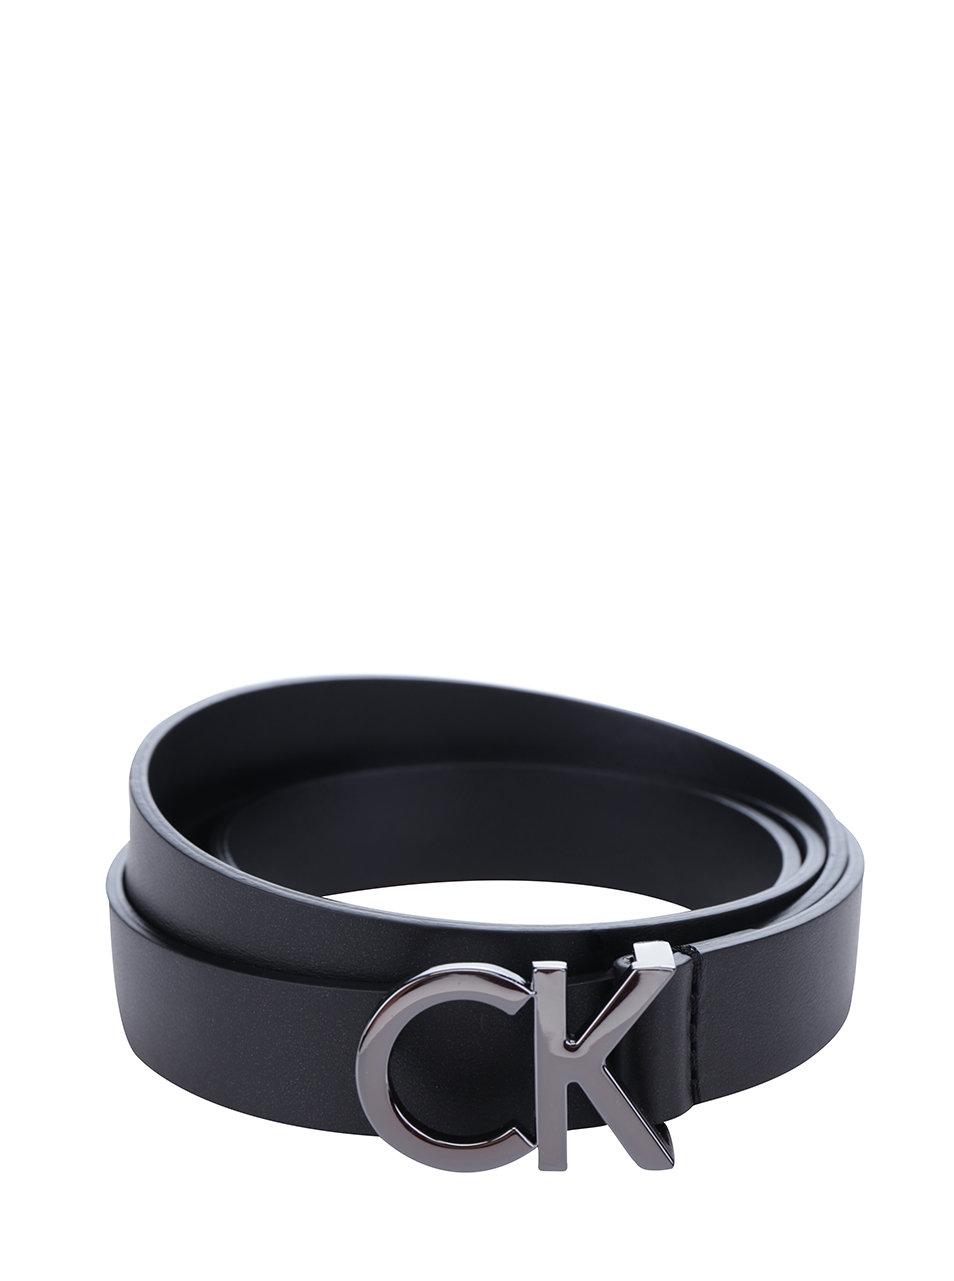 ad174f7b0 Čierny dámsky tenký kožený opasok Calvin Klein Skinny | ZOOT.sk